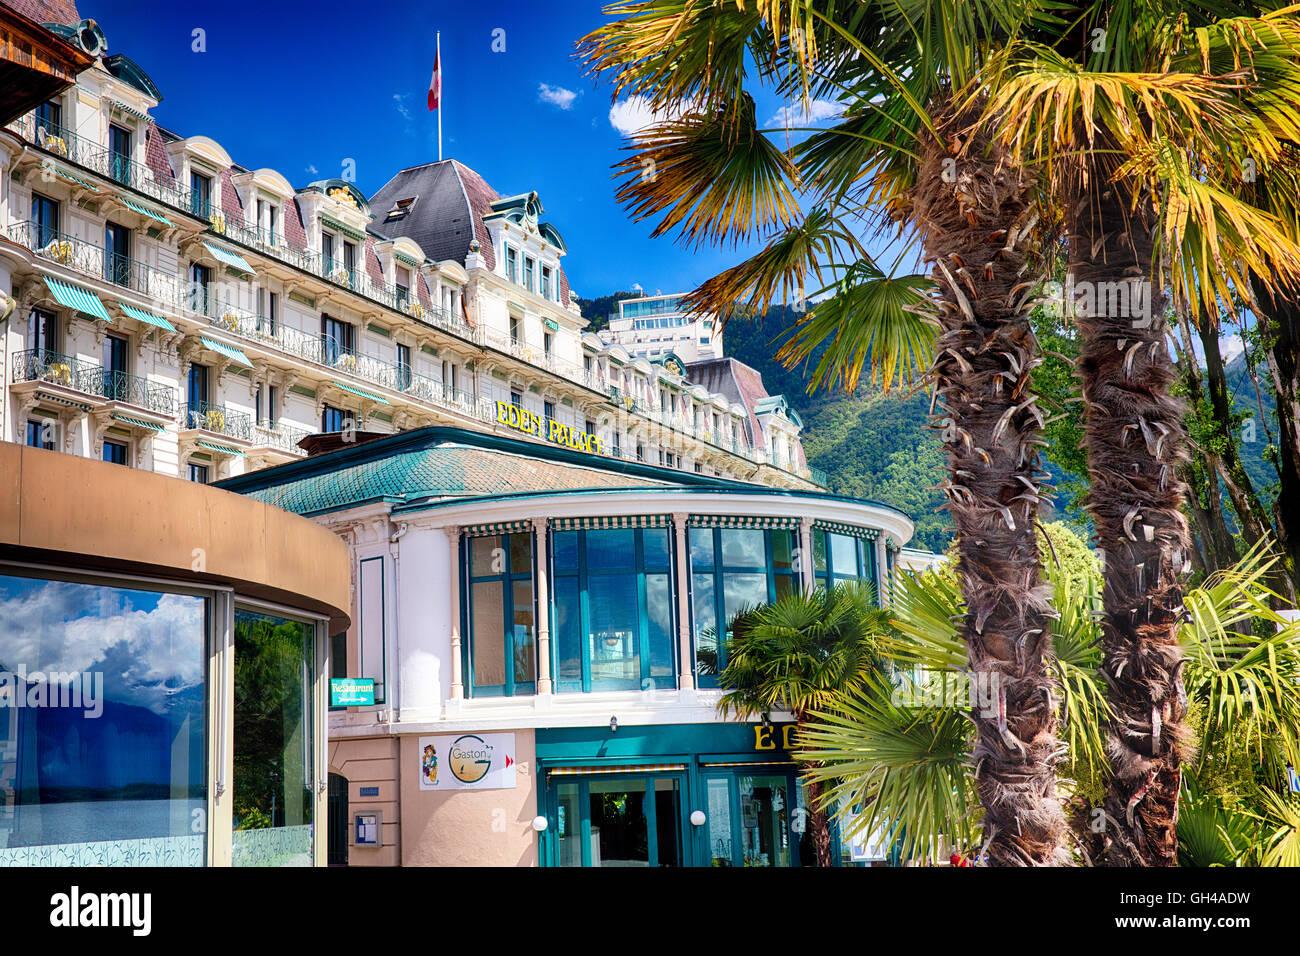 Ángulo de visión baja de un hotel clásico con palmeras, Eden Palace, Montreux, cantón de Vaud, Imagen De Stock